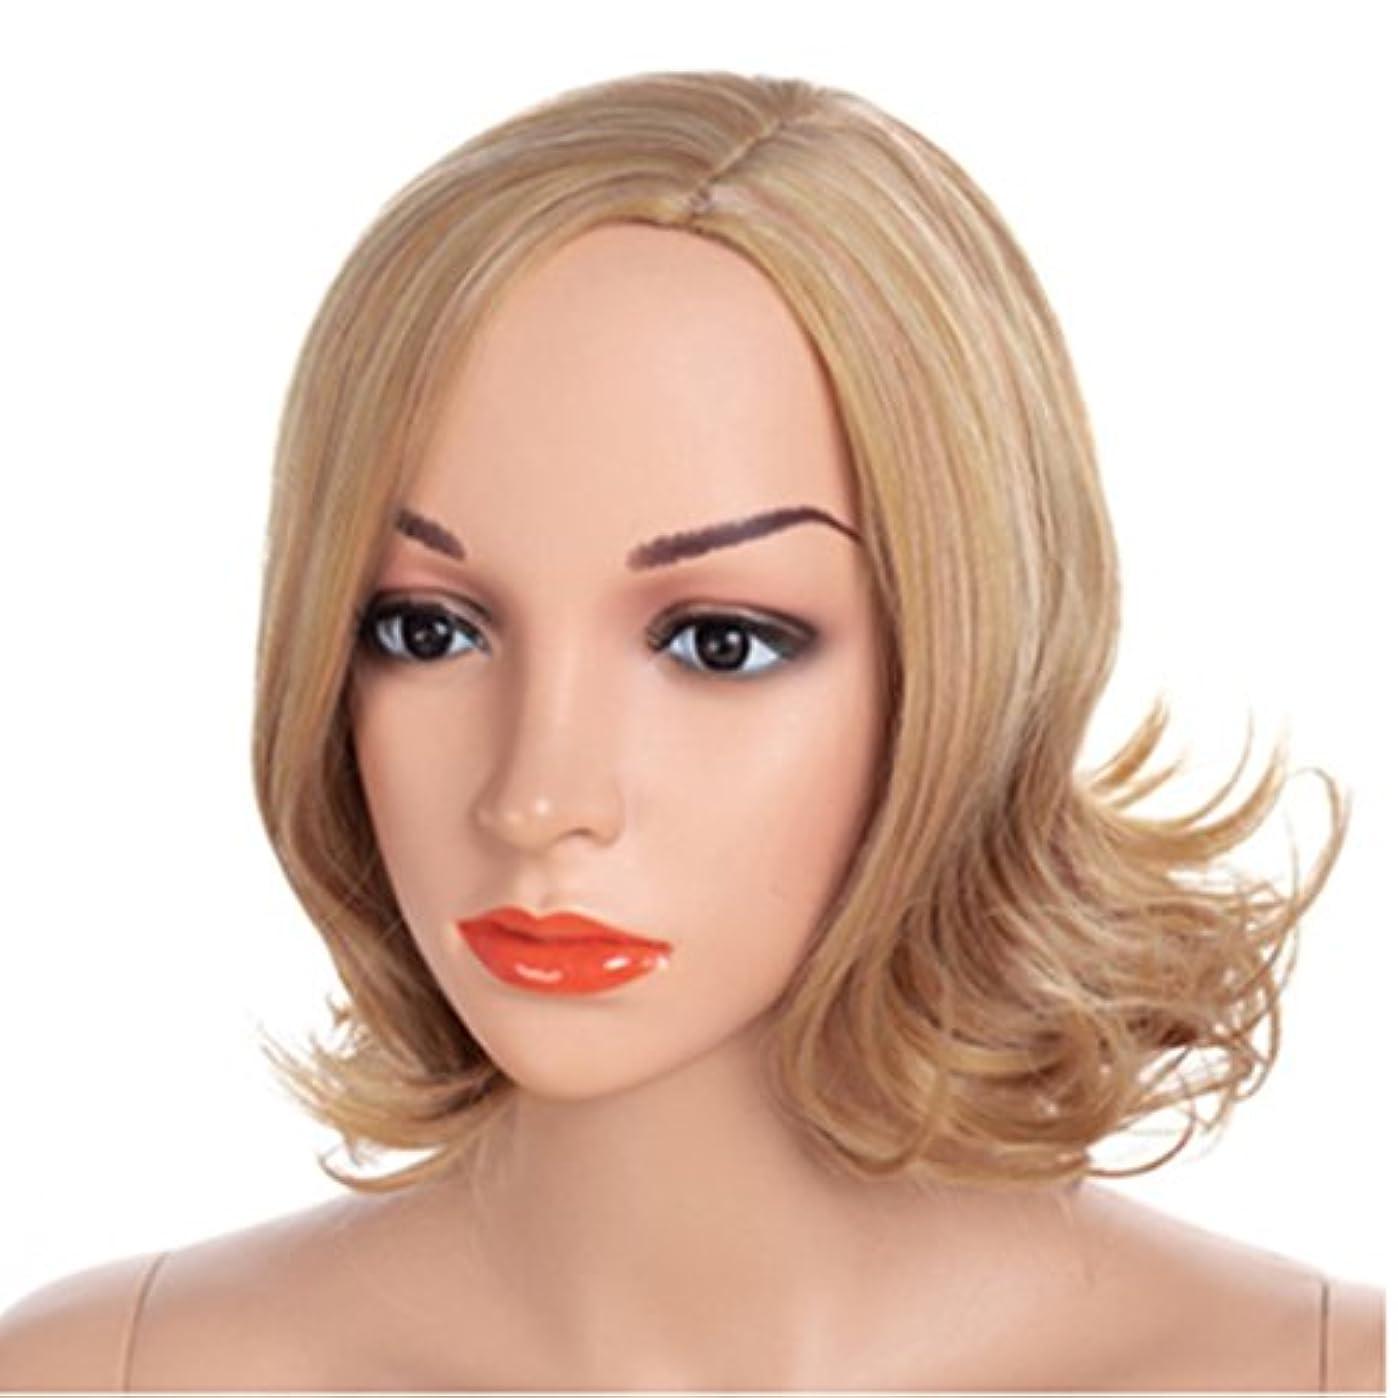 多分原子炉コンデンサーYOUQIU 顔ウィッグで変更することができ黄金の髪の色とAウィッグ髪型の40センチメートル女性のかつら髪型メッシー伐採 (色 : ゴールド)